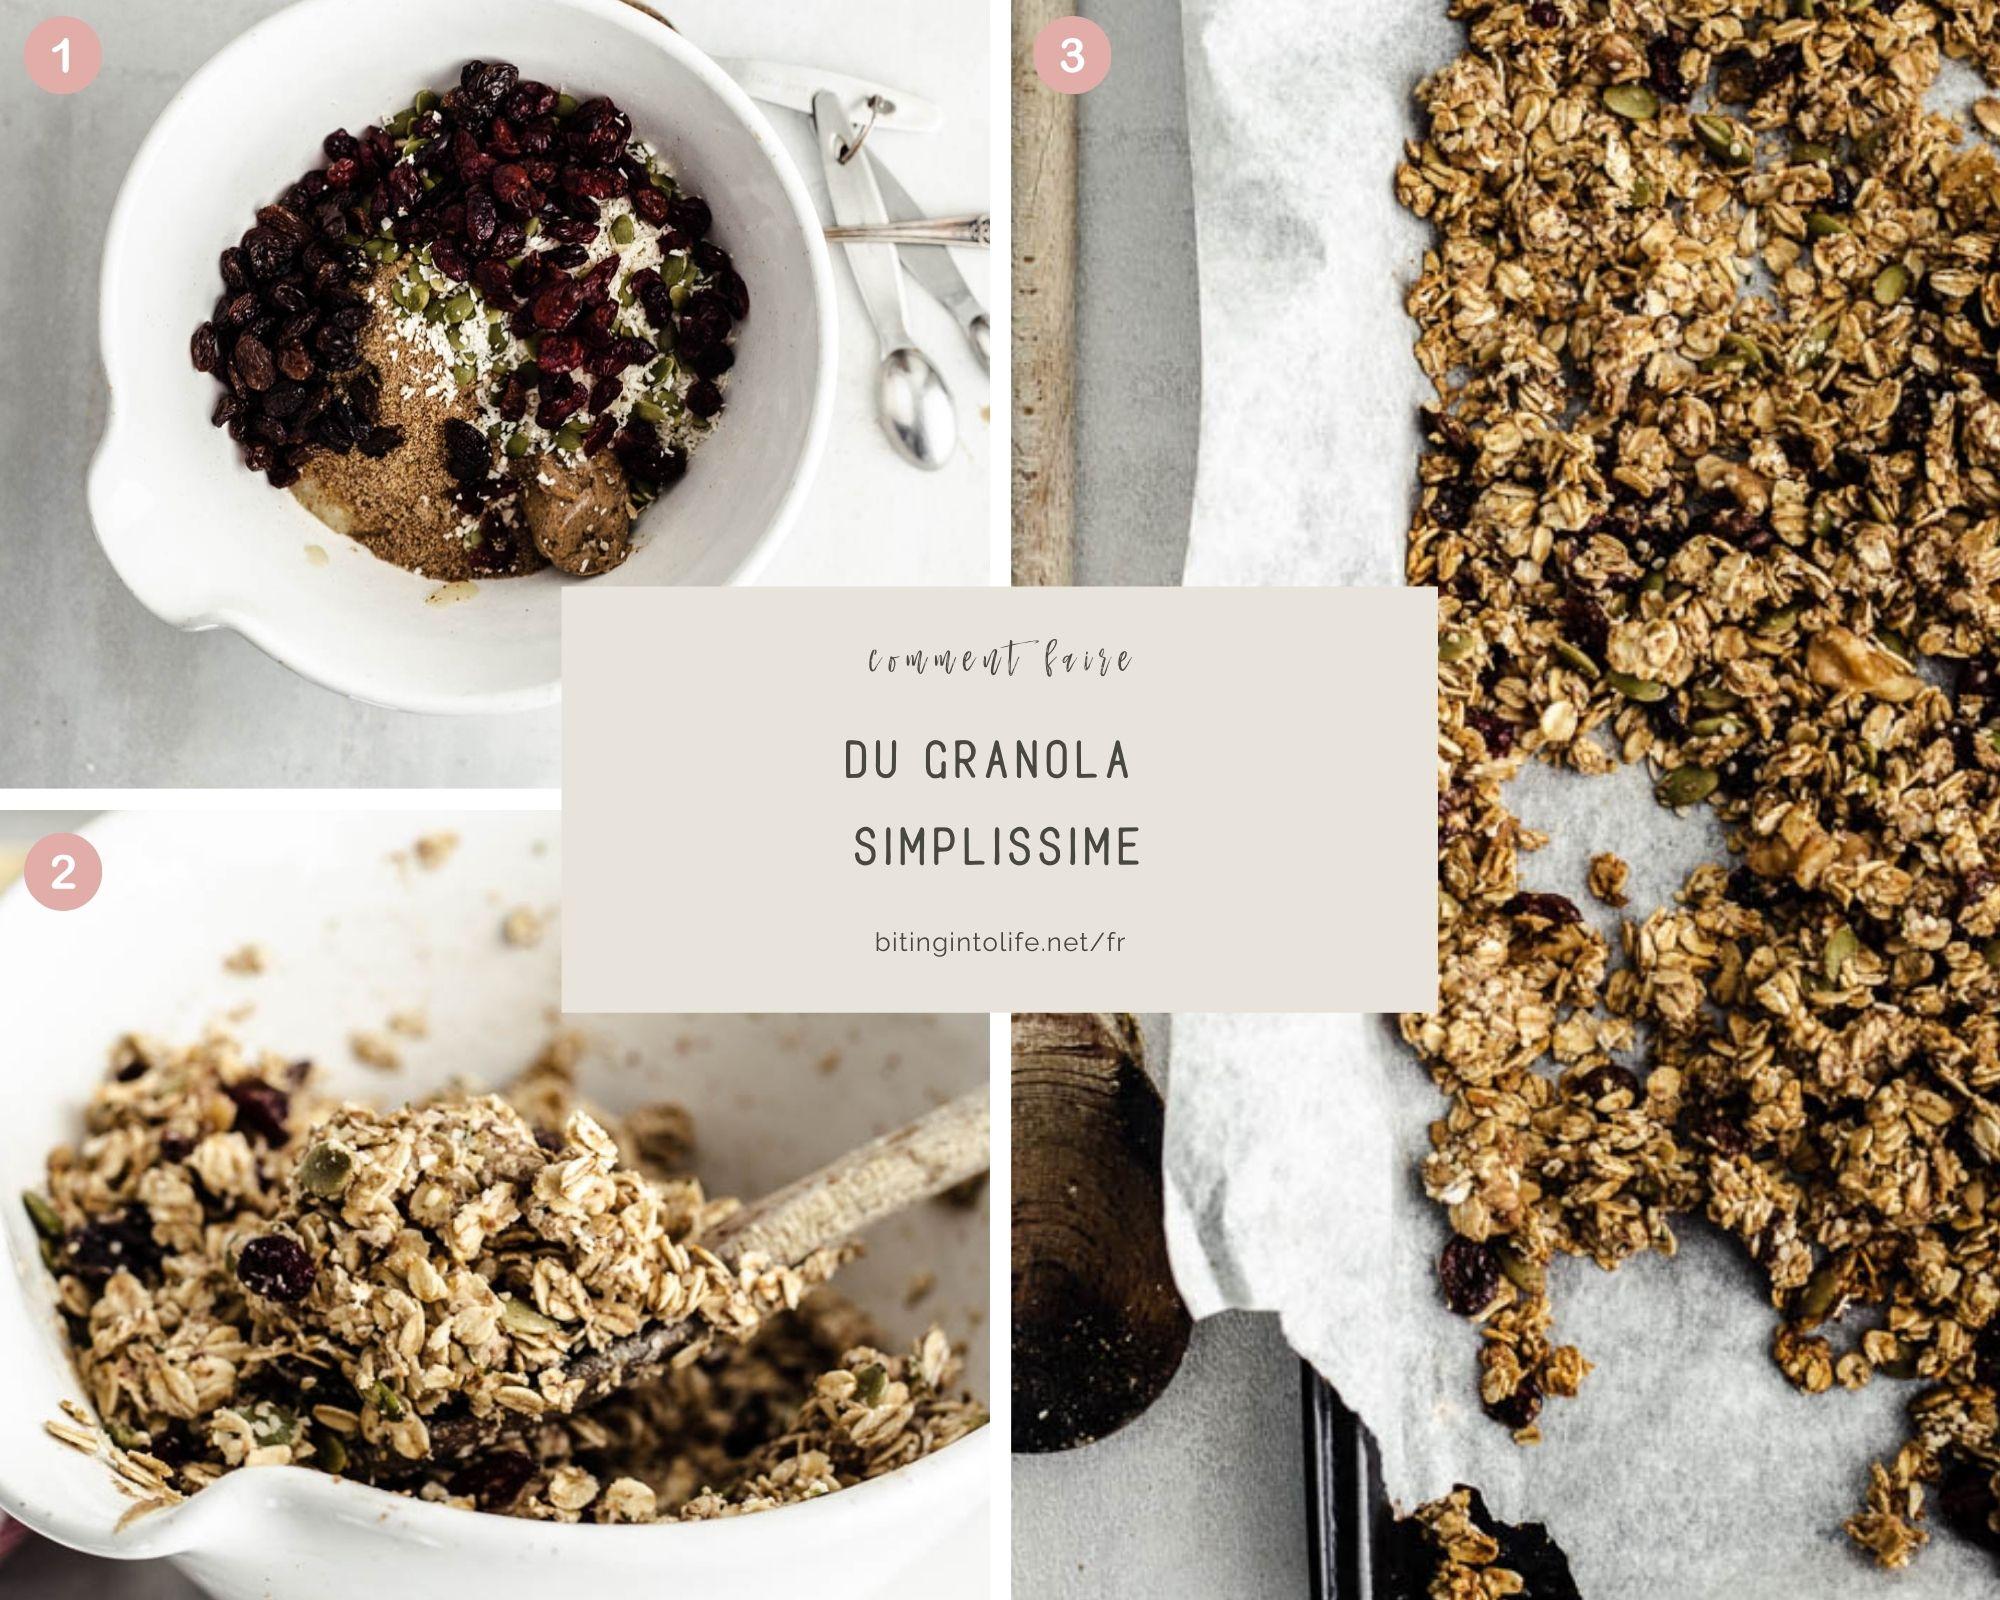 Montage de trois photos montrant le processus de la confection du granola : la combinaison des ingrédients, le mélange et l'étalement sur la plaque tapissée de papier sulfurisé